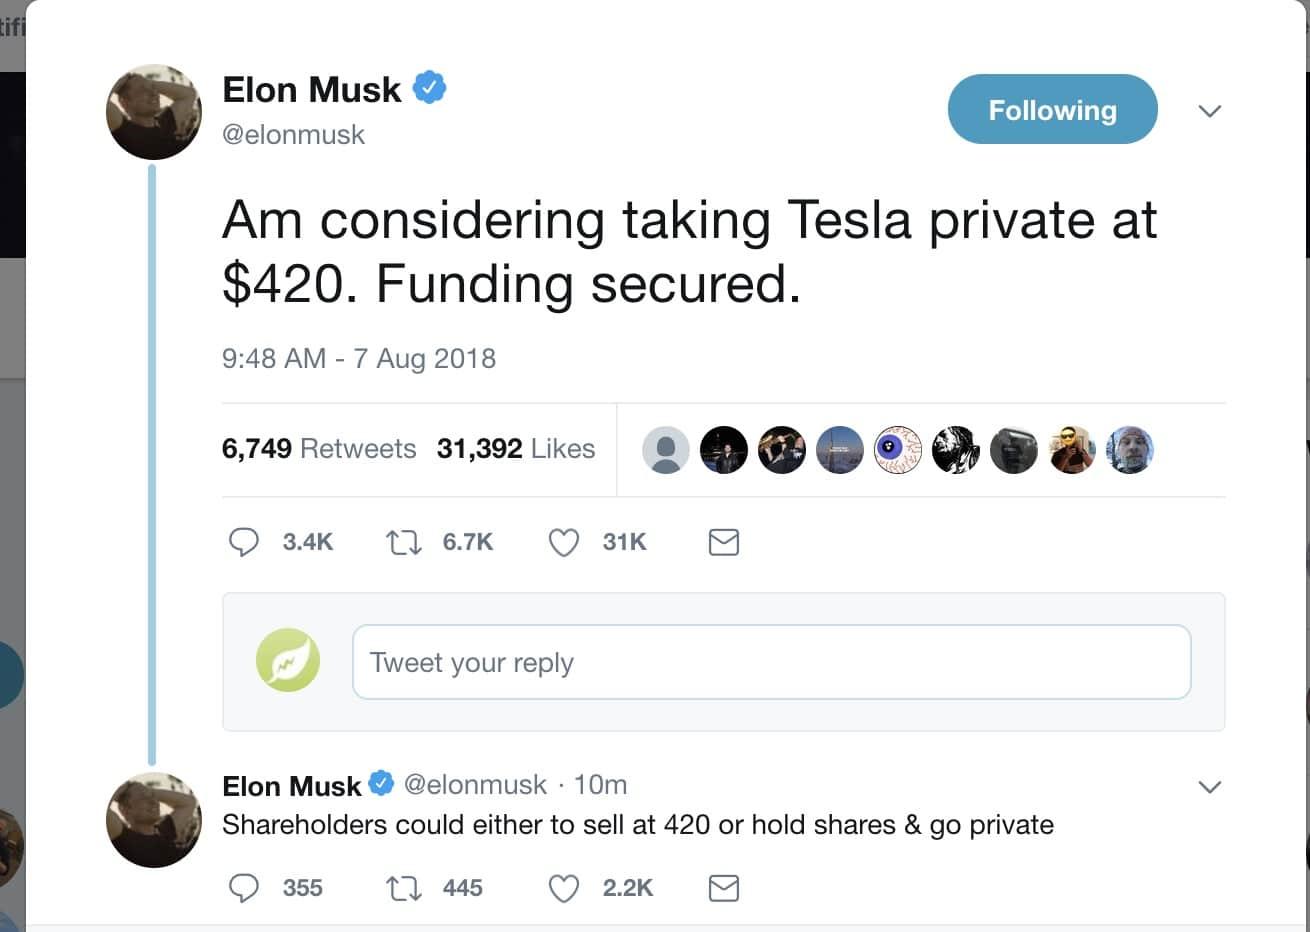 Elon Musk's infamous 'funding secured' tweet.